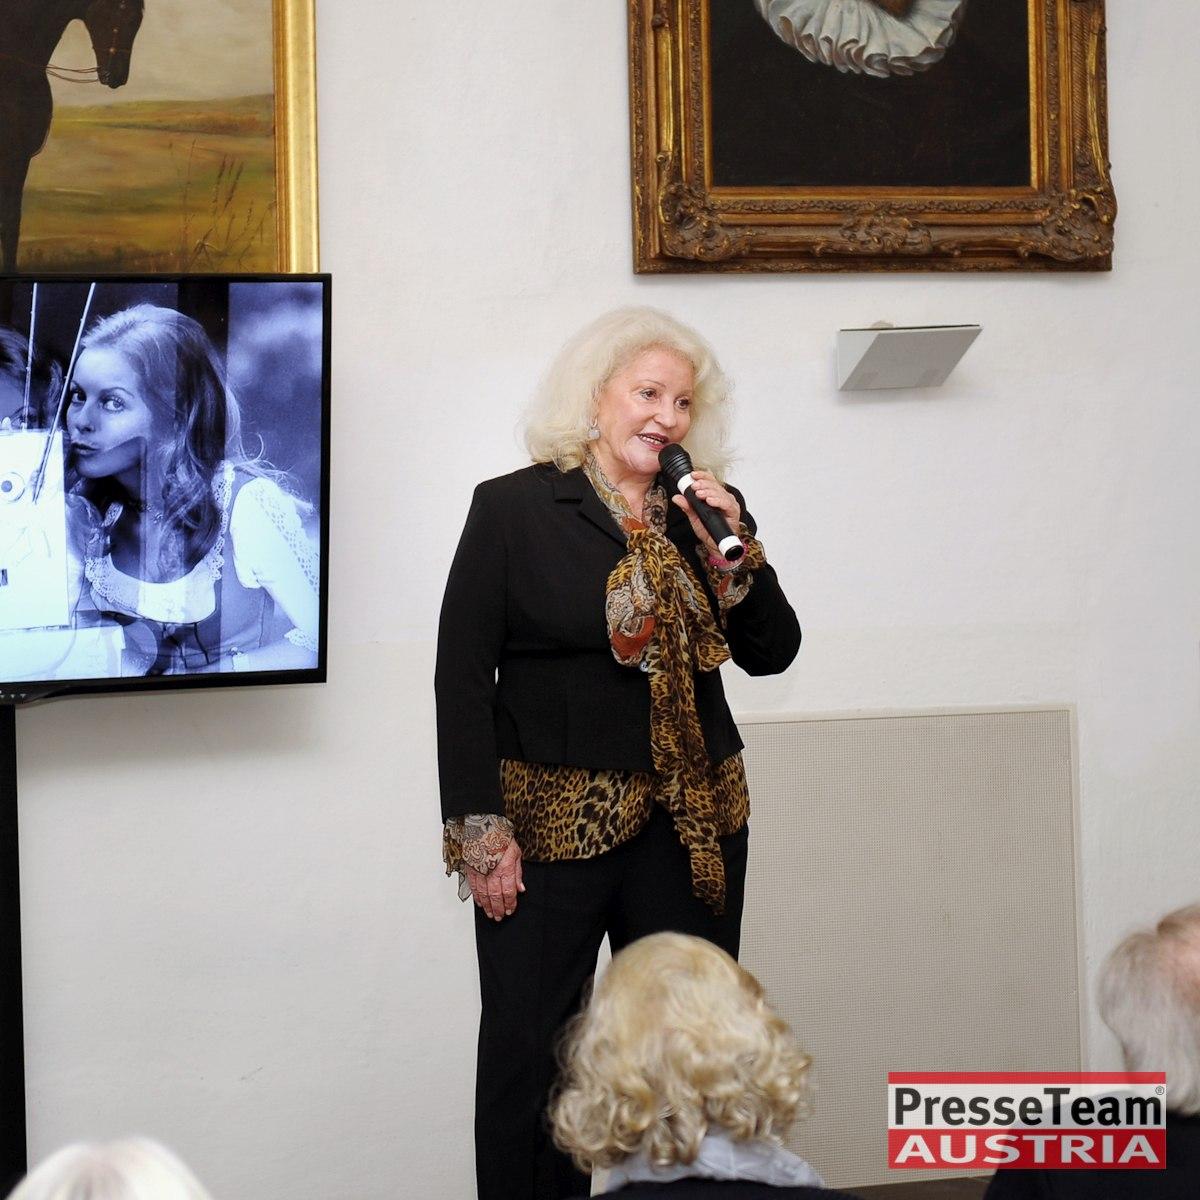 DSC 3534 Angelika Spiehs - Angelika Spiehs Biografie Präsentation im Schloss Loretto